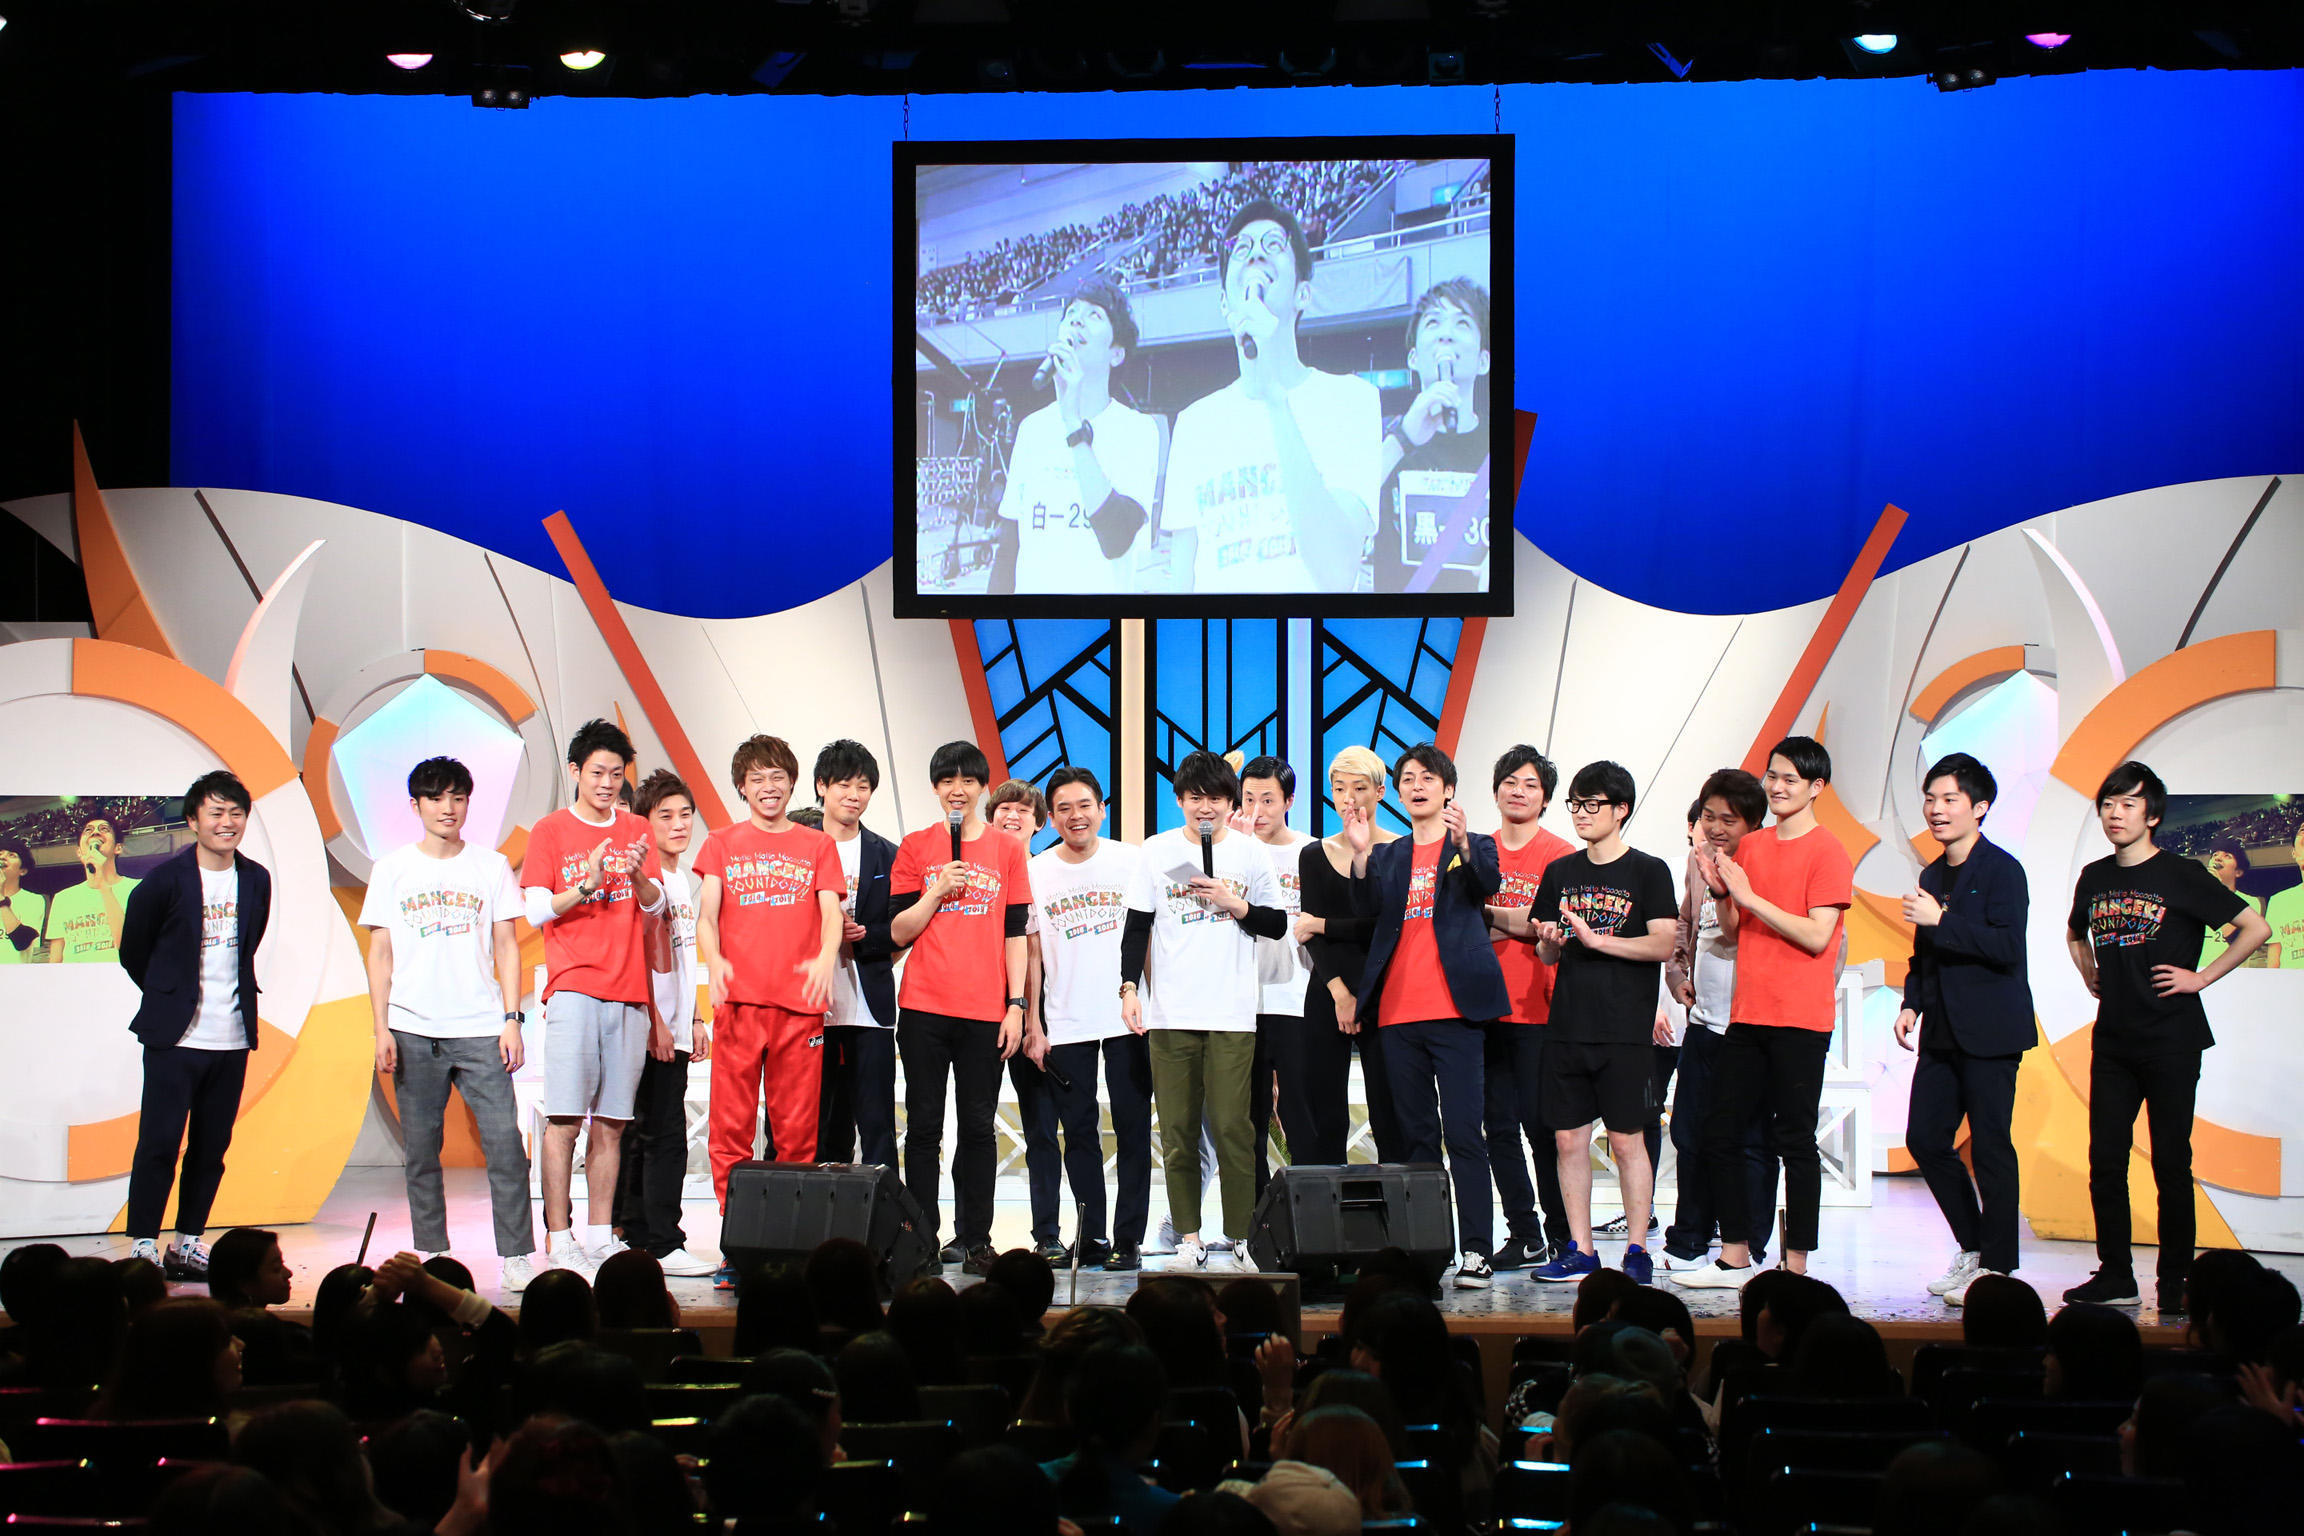 http://news.yoshimoto.co.jp/20190101111256-9e46a0475465fb2f0bc5960dd5077aaa1d7197e0.jpg